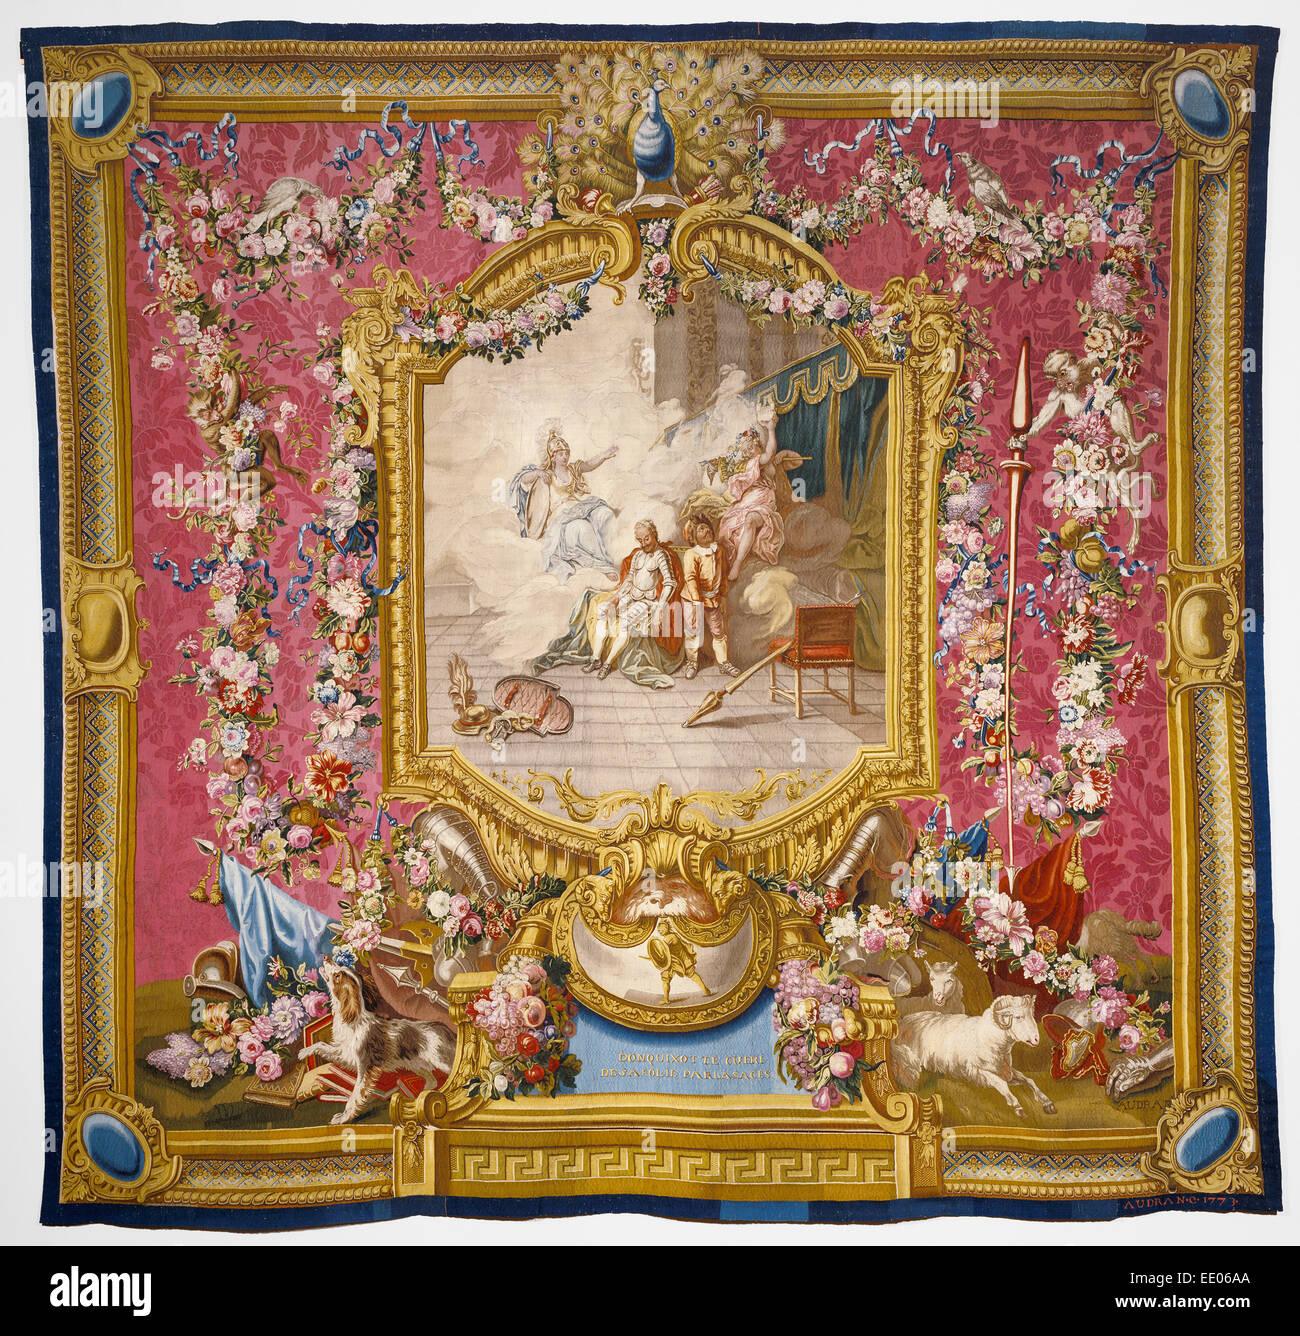 Tapestry: Don Quichotte guéri de sa folie par la sagesse, from L'Histoire de don Quichotte Series - Stock Image